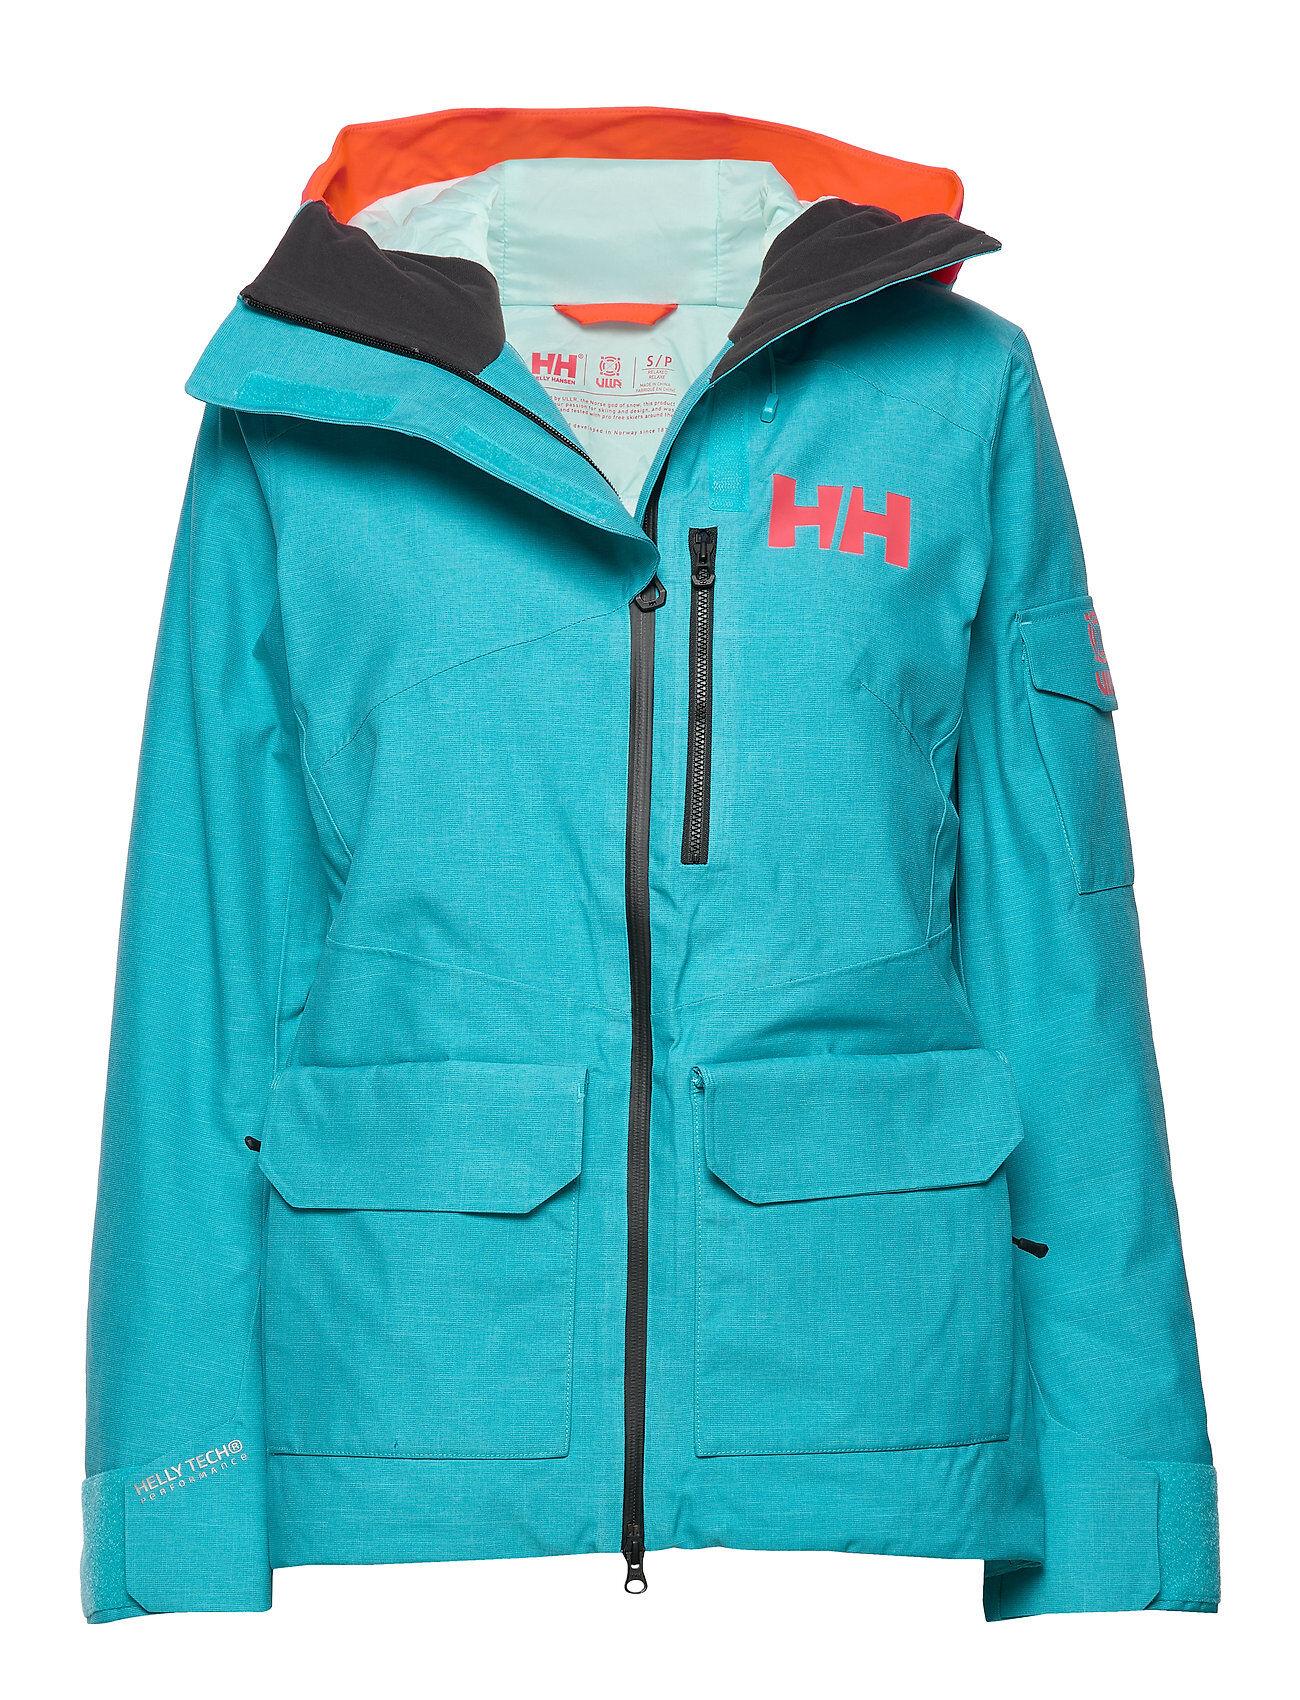 Image of Helly Hansen W Powderqueen 2.0 Jacket Outerwear Sport Jackets Sininen Helly Hansen